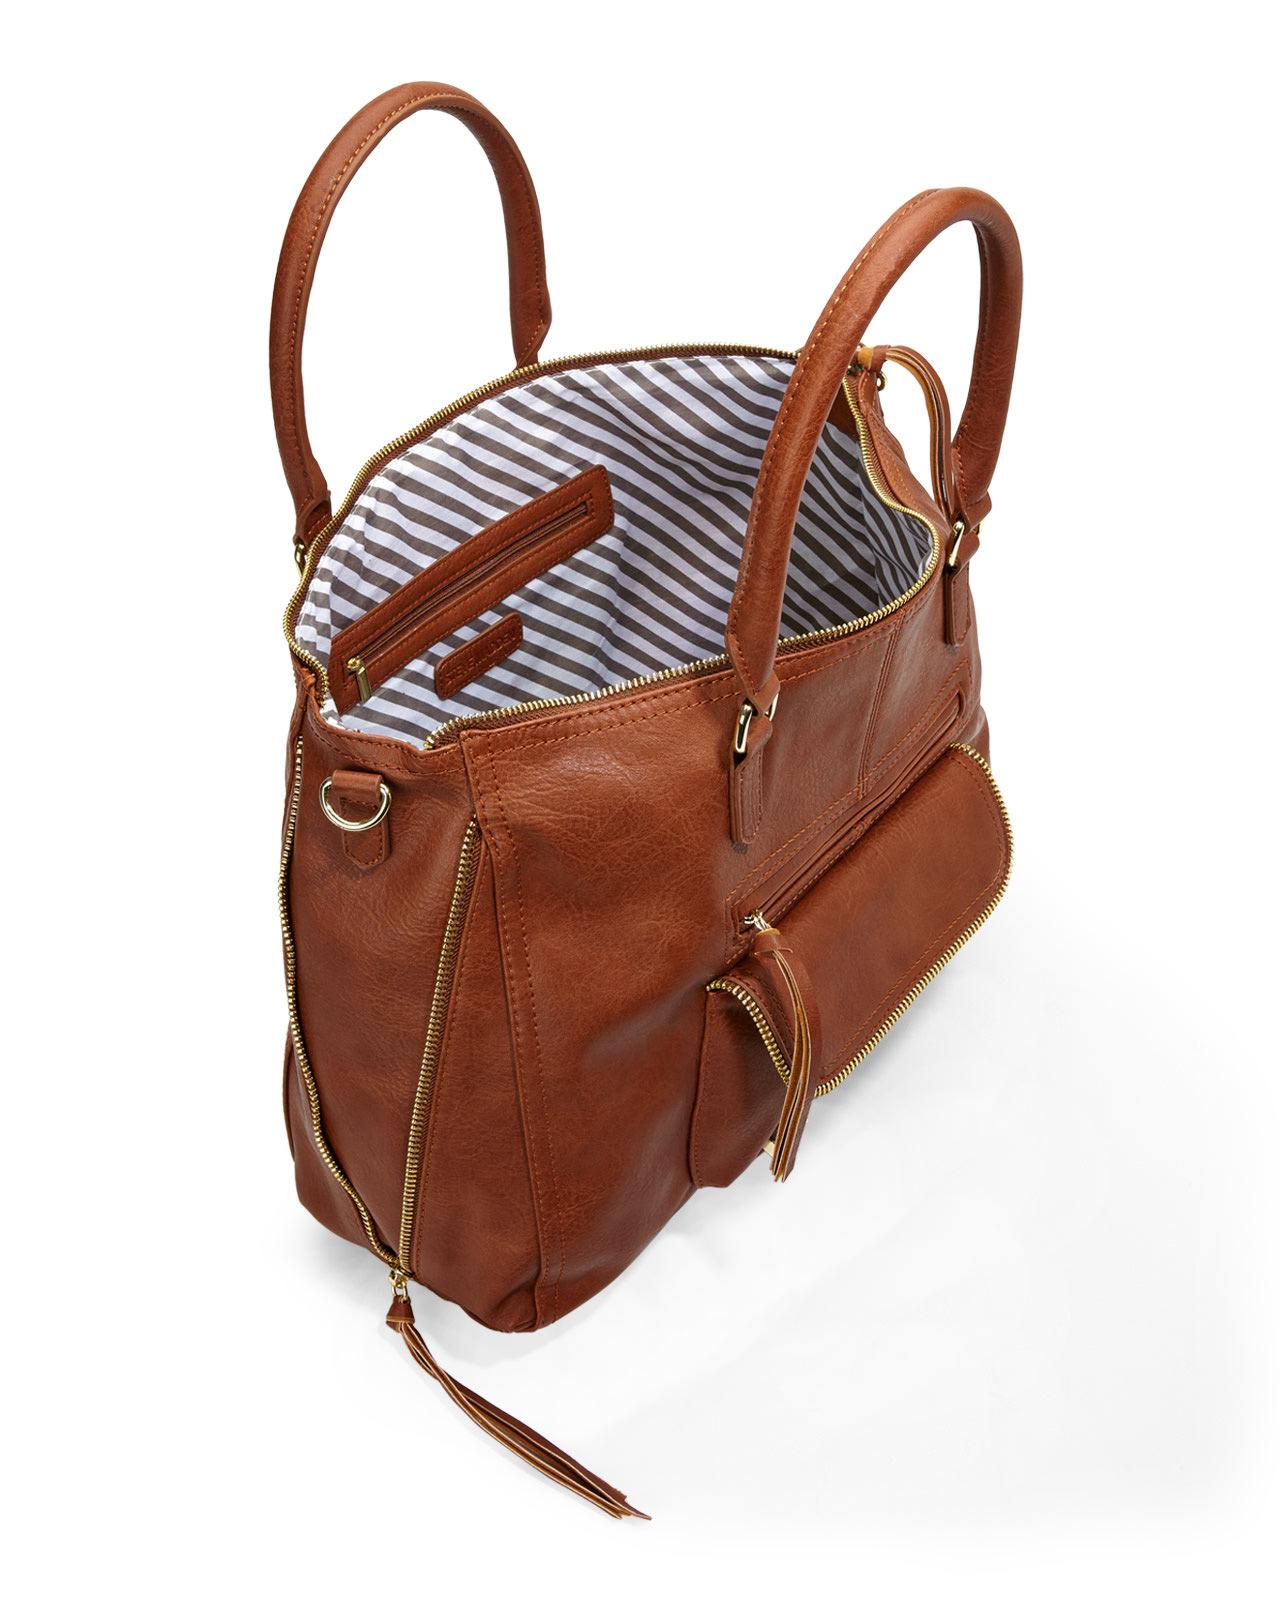 Steve madden Cognac Broyale Tote Bag in Brown | Lyst